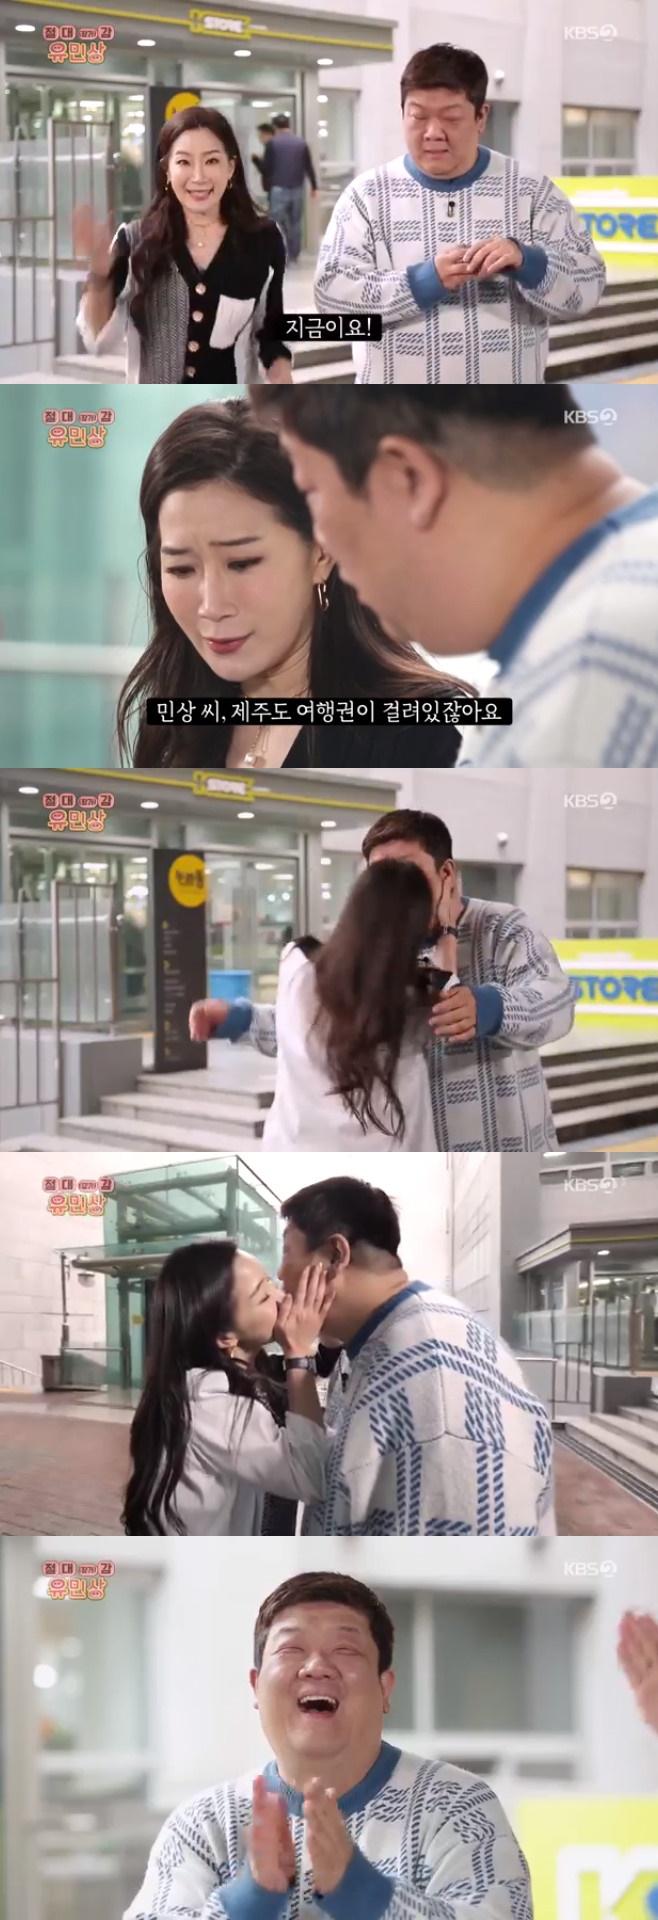 개그콘서트, 유민상 김하영